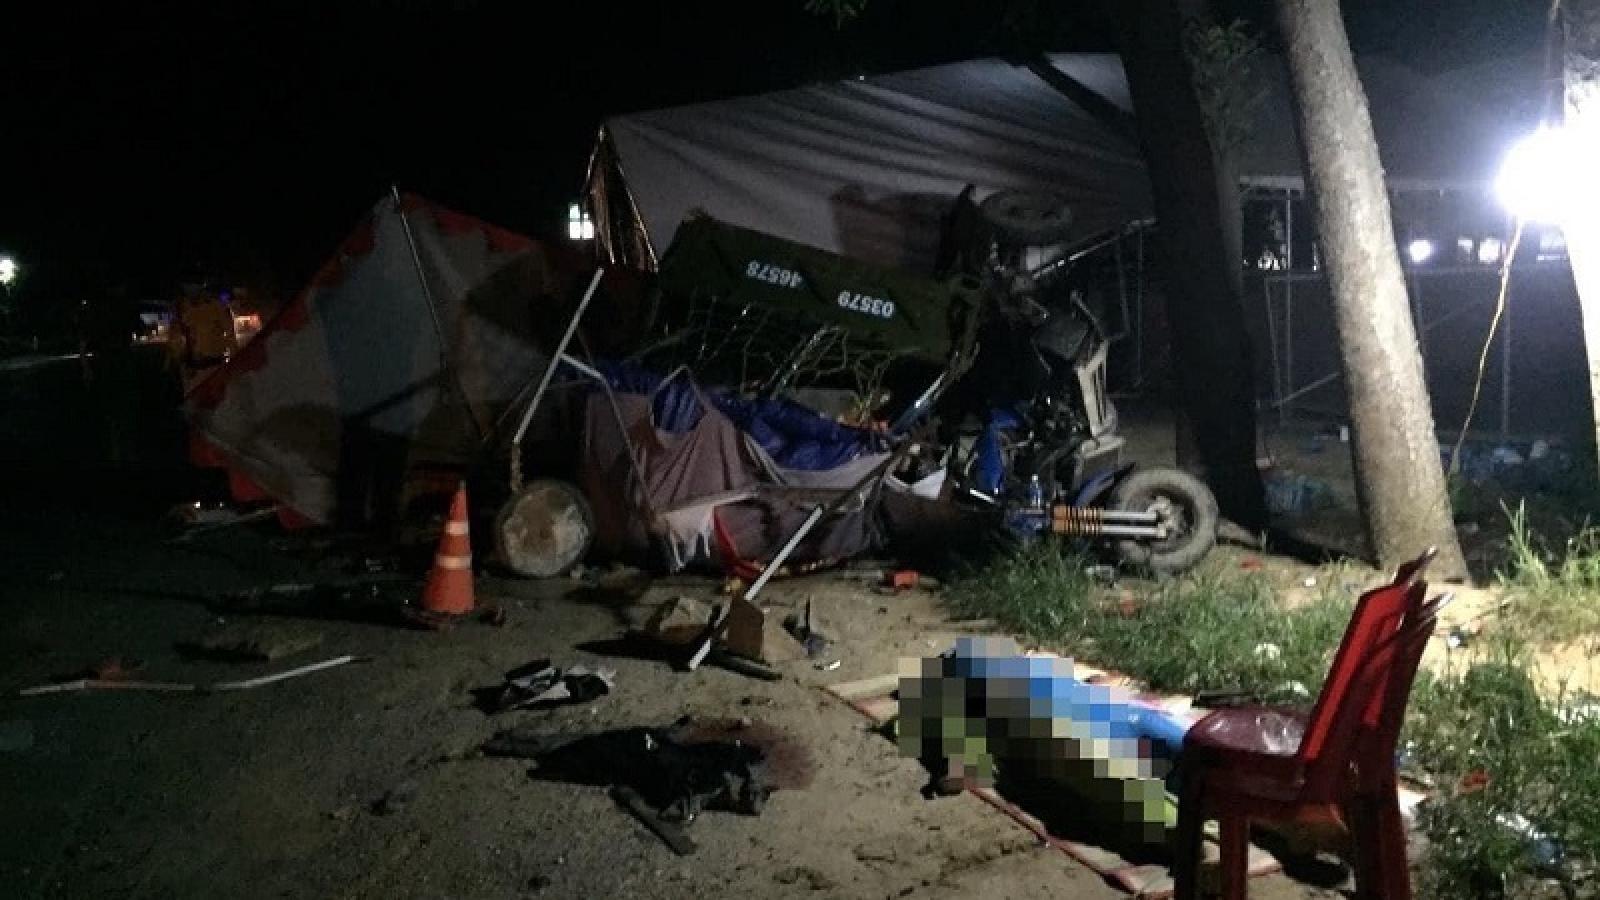 Tài xế gây tai nạn ở Bình Thuận dương tính với SARS-CoV-2